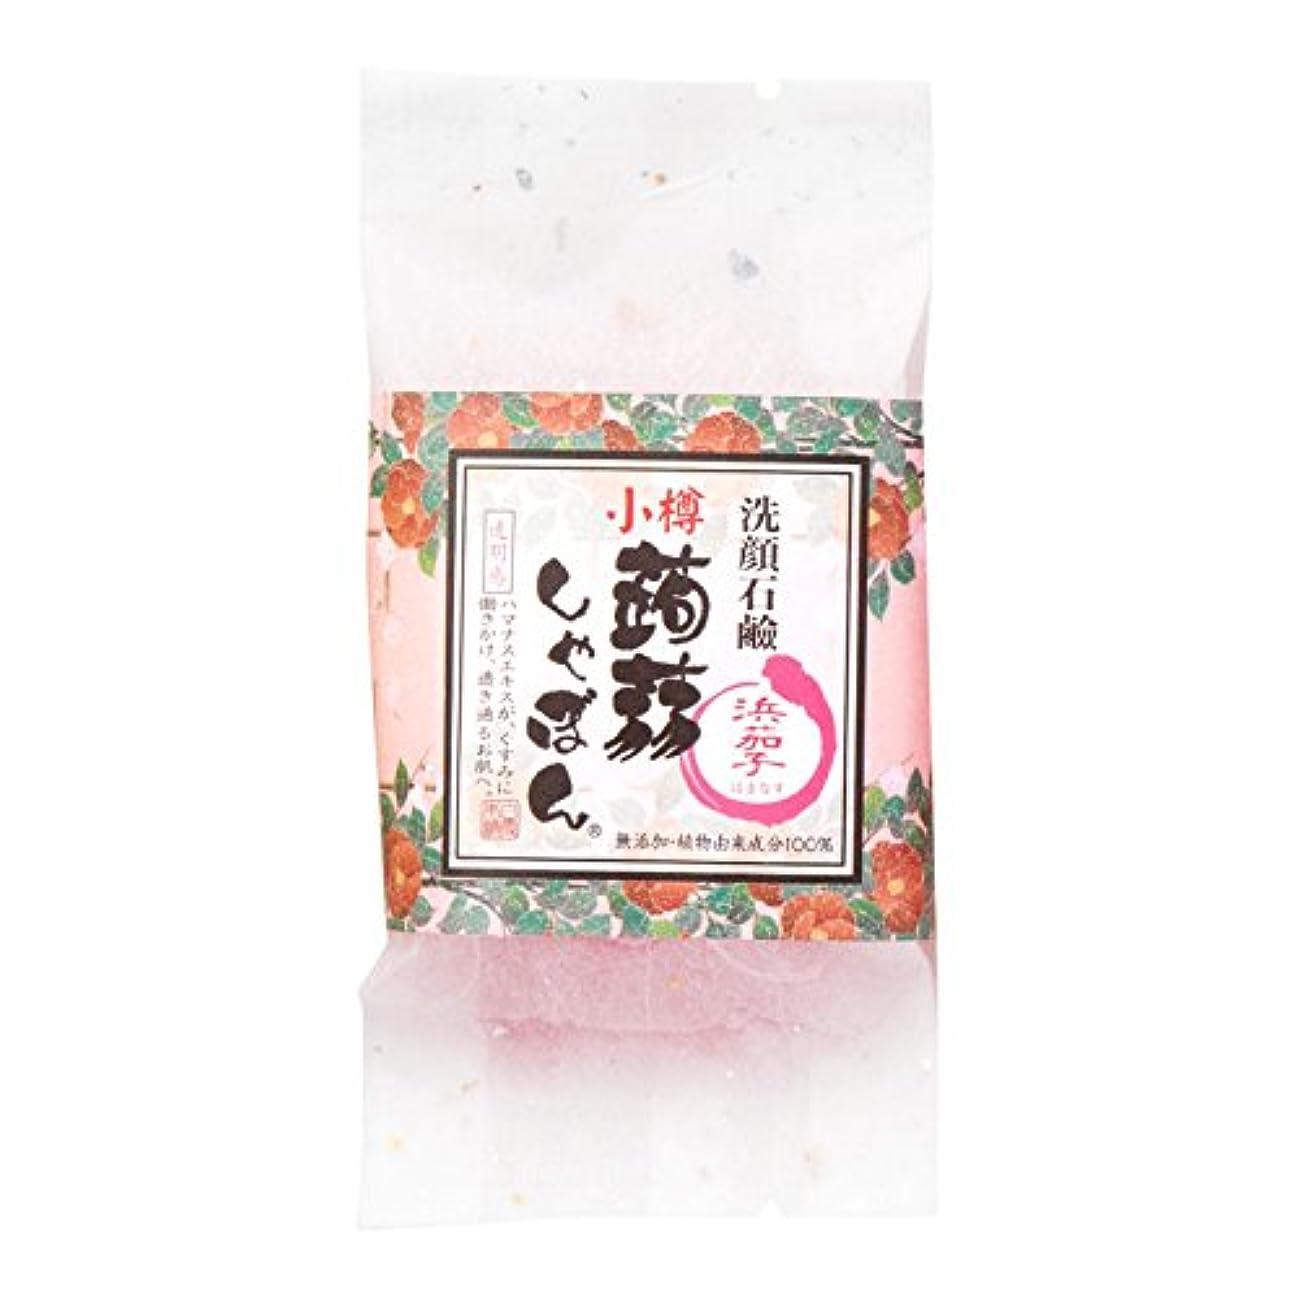 香ばしいウミウシ陰謀小樽蒟蒻しゃぼん小樽 浜茄子(はまなす)